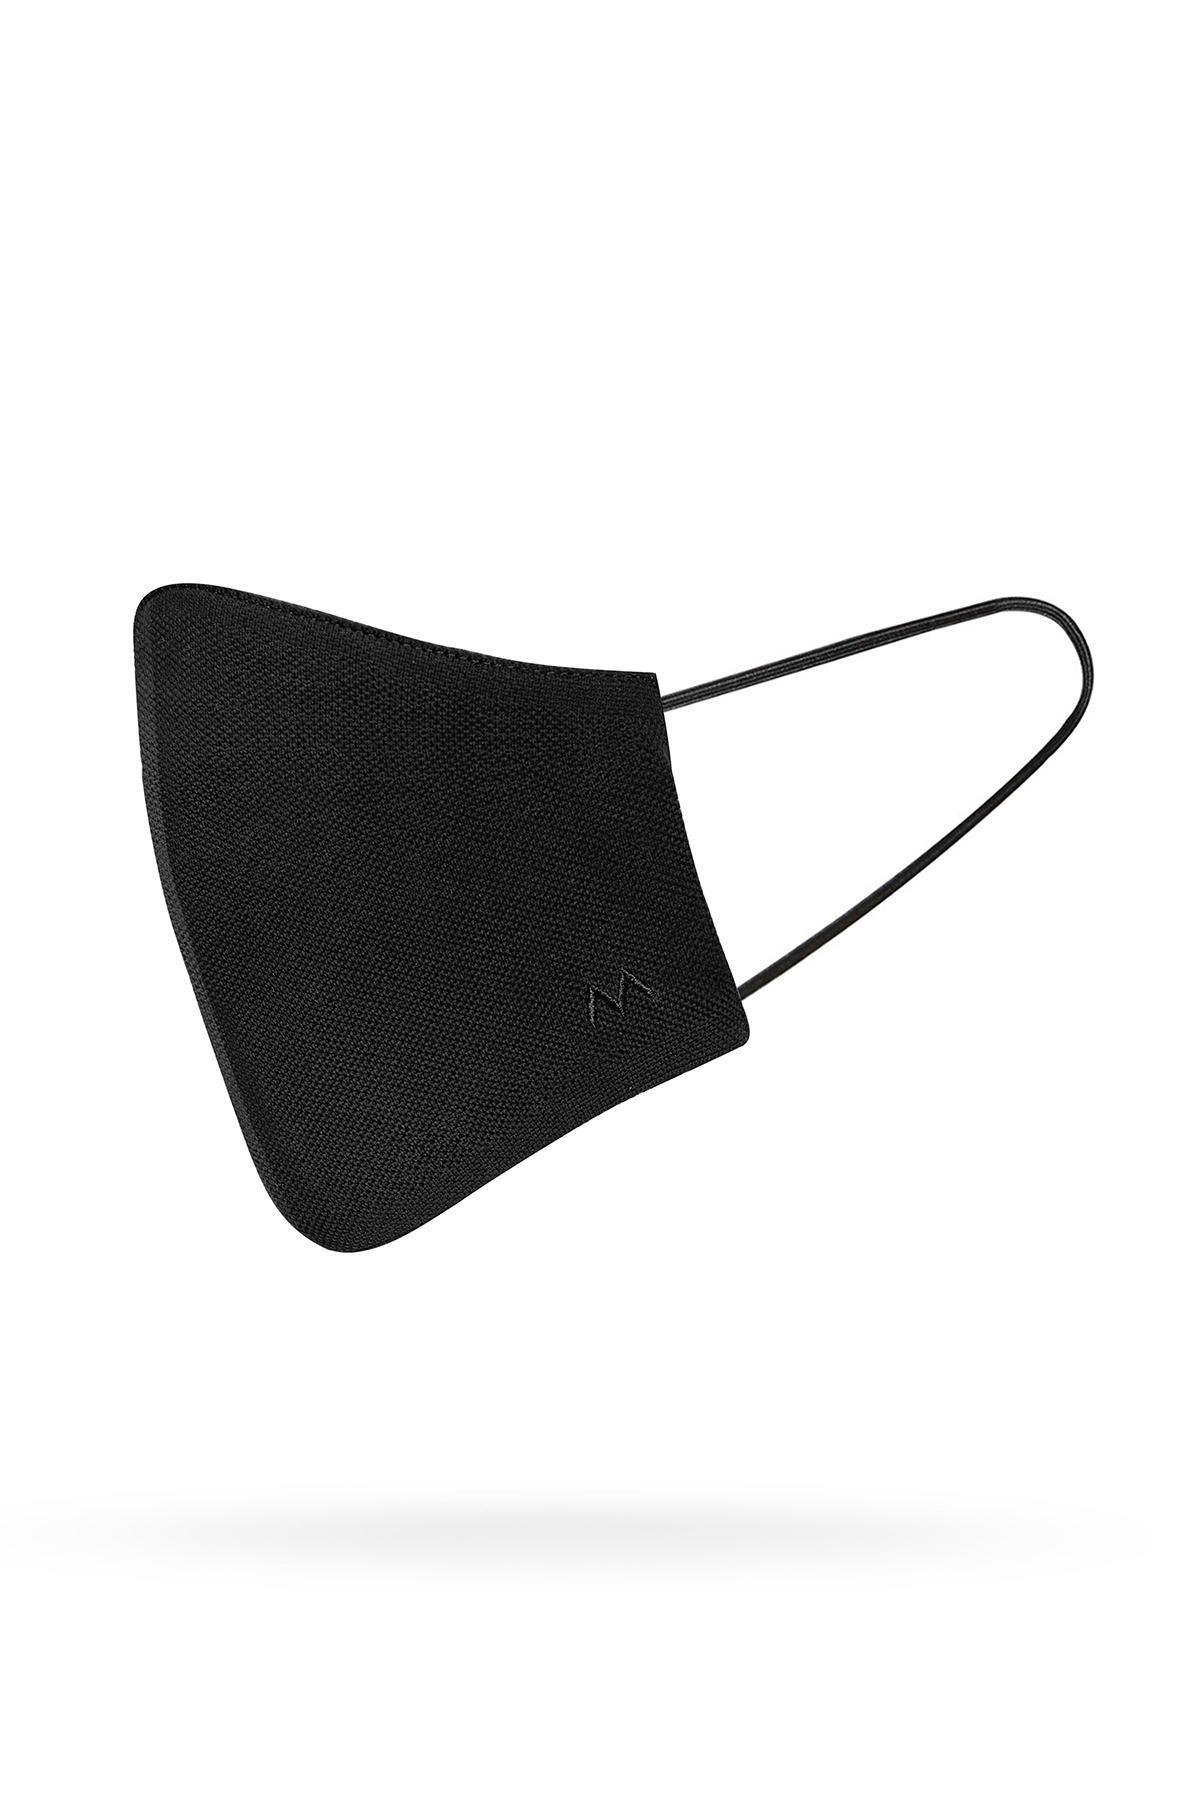 Pamuk Yıkanabilir Siyah Triko Maske